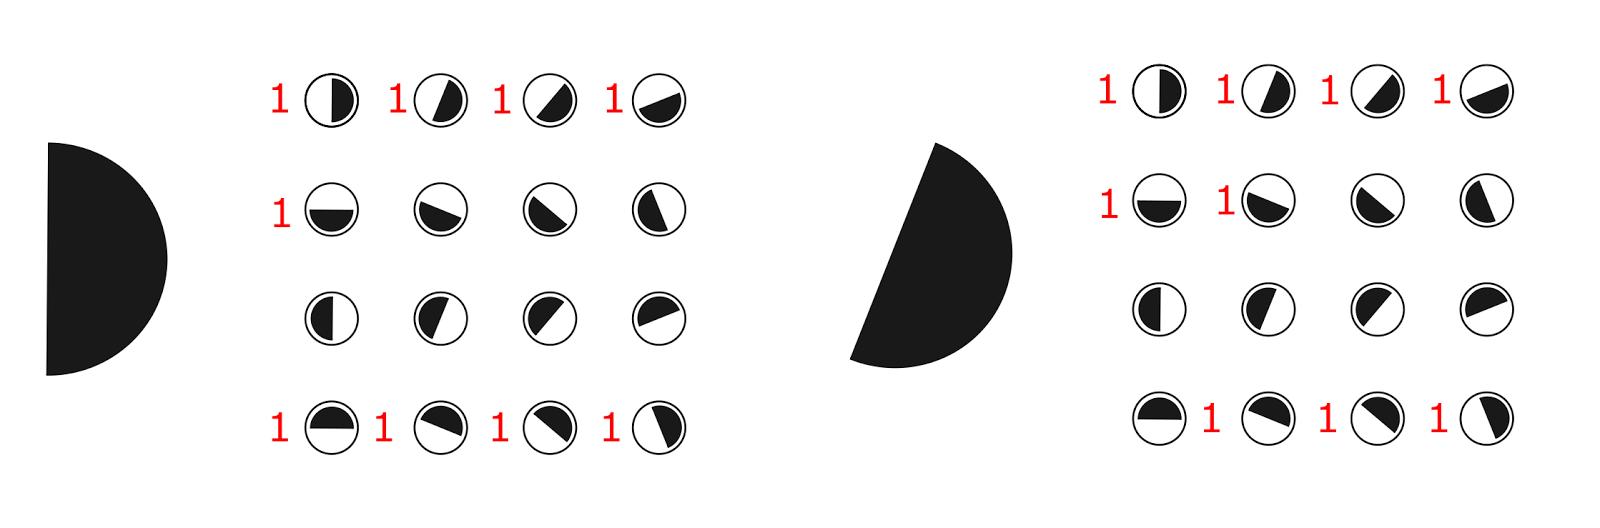 Логика сознания. Часть 11. Естественное кодирование зрительной и звуковой информации - 12